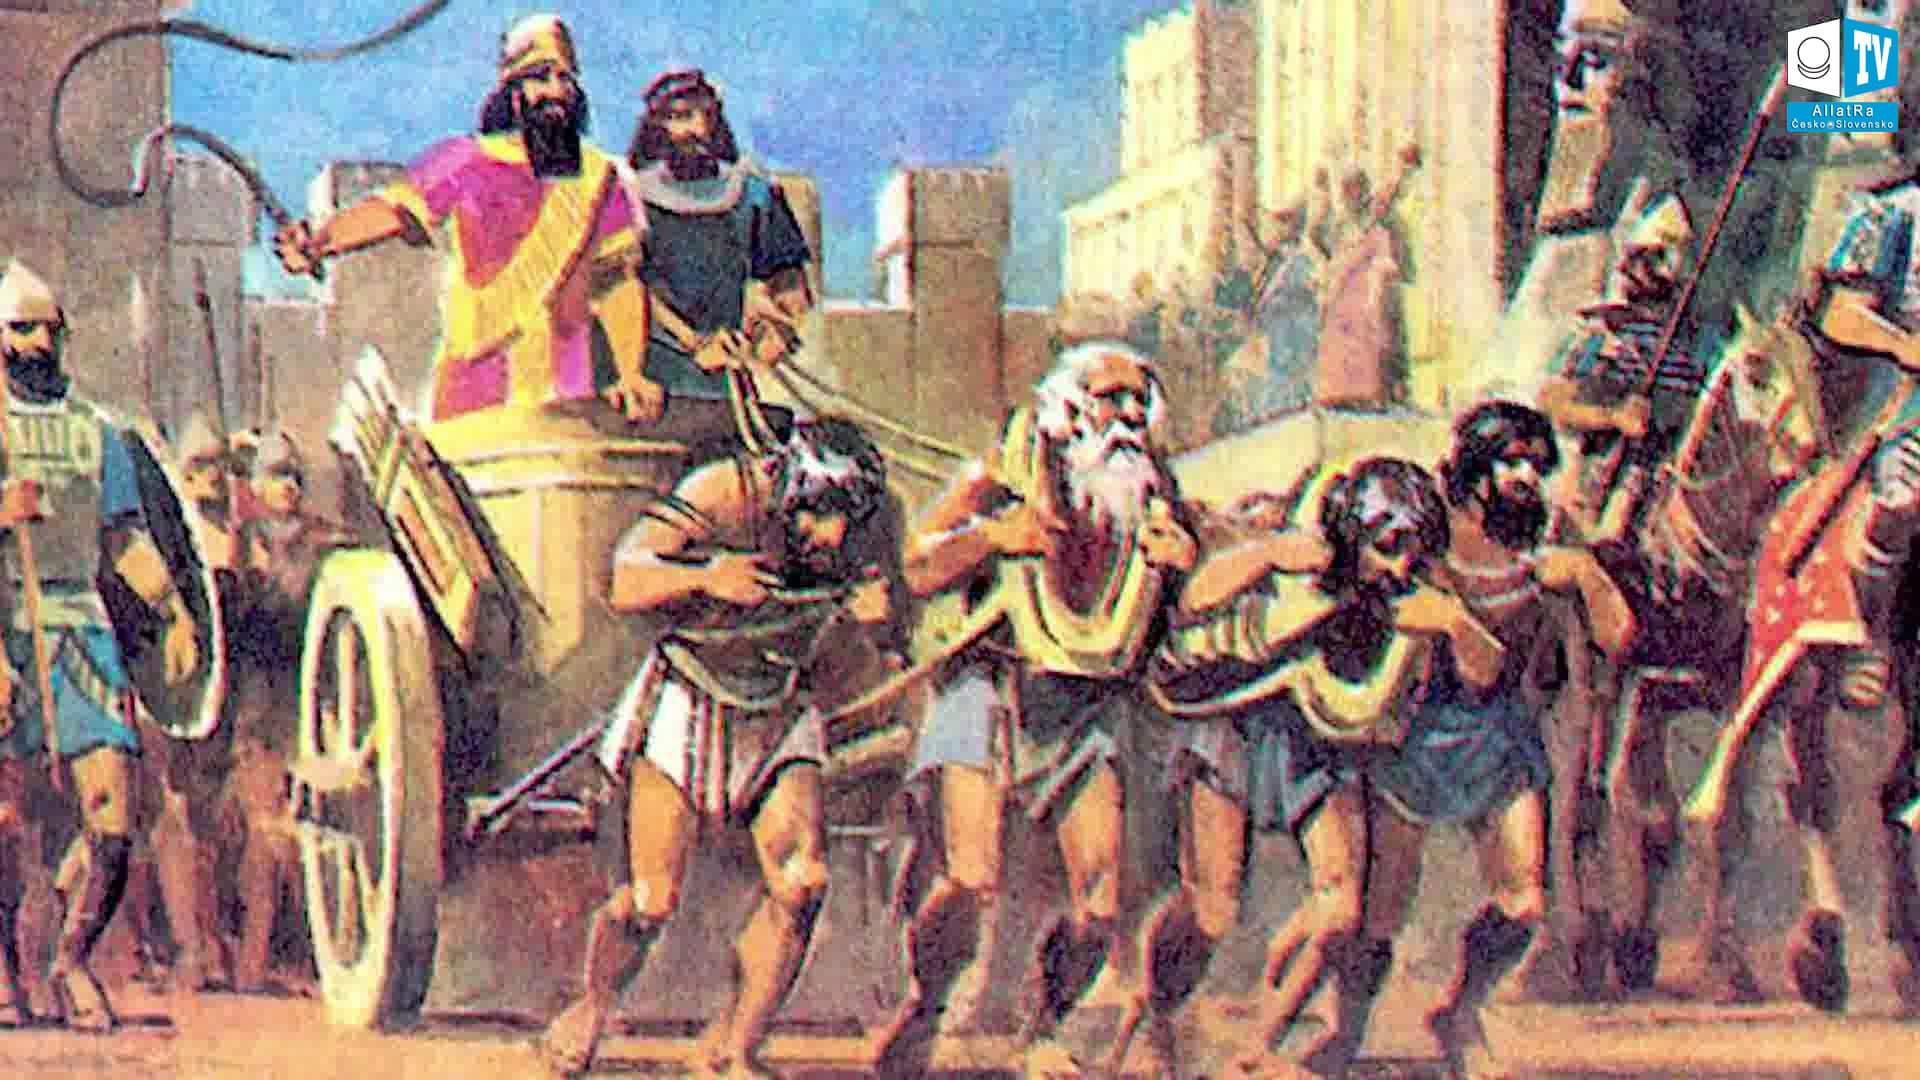 Utlačování národů ve starověku. Foto